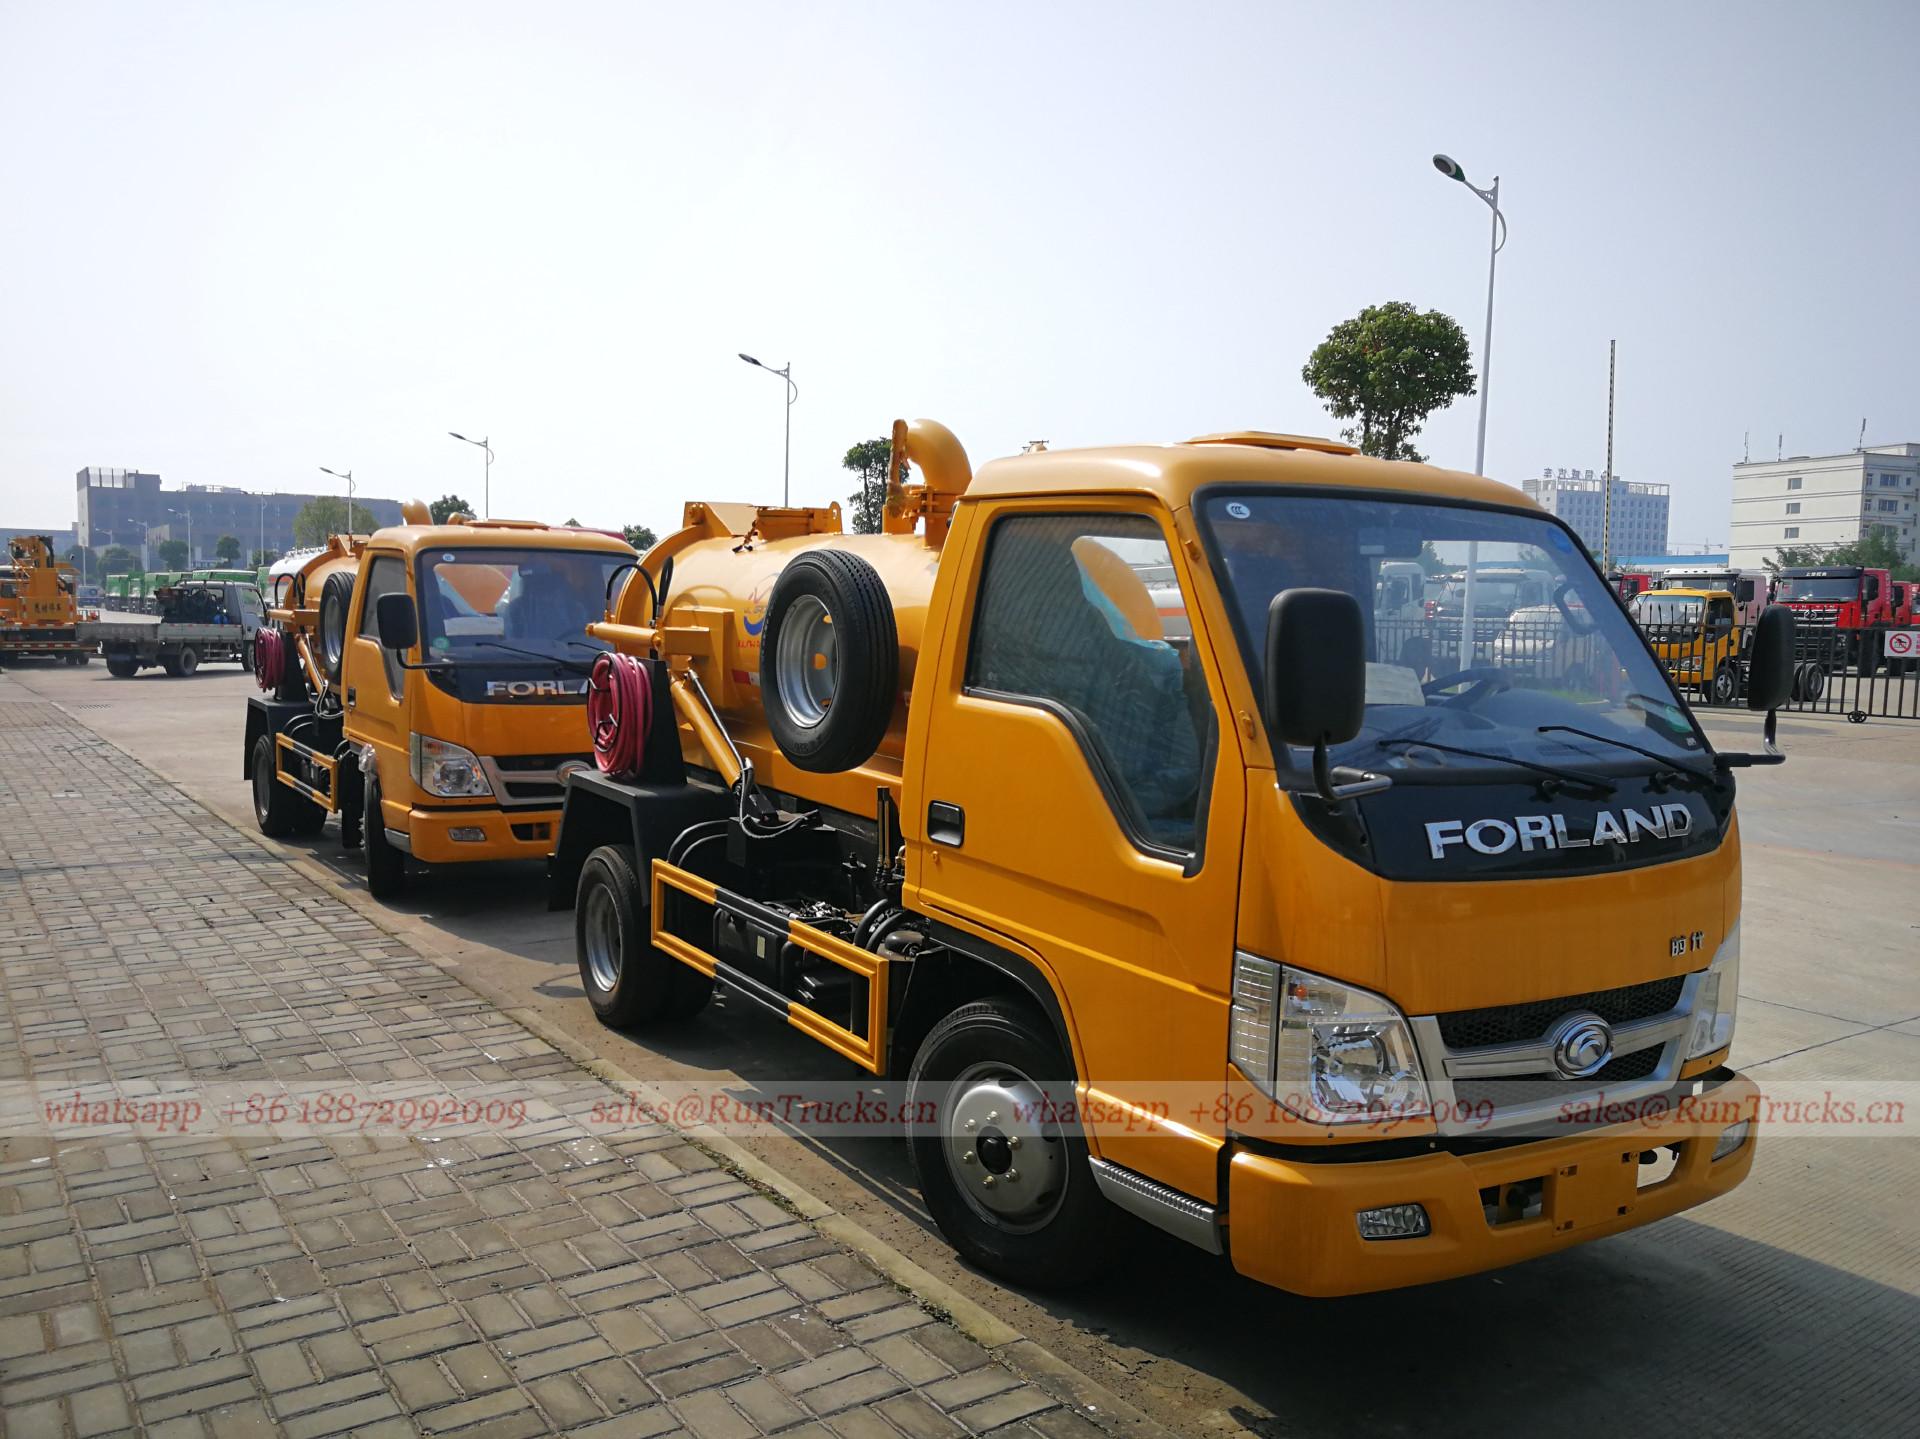 中国Foton Forland 3 cbm下水吸引トラック